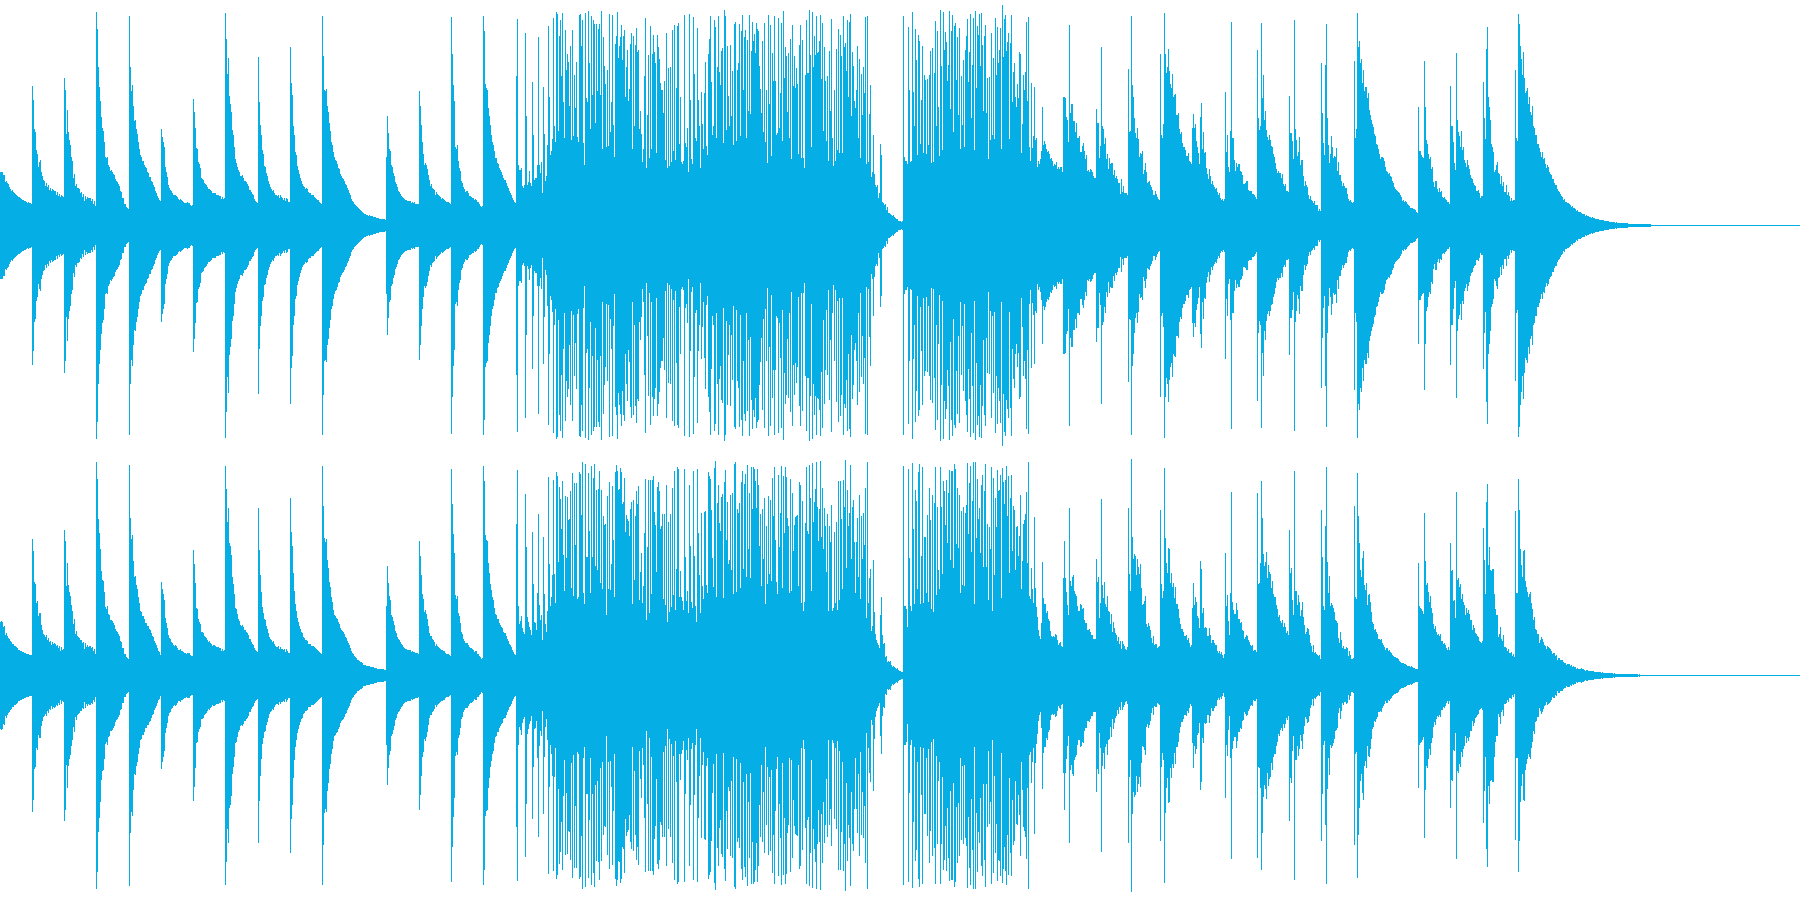 アイキャッチ オルゴールの音ですの再生済みの波形